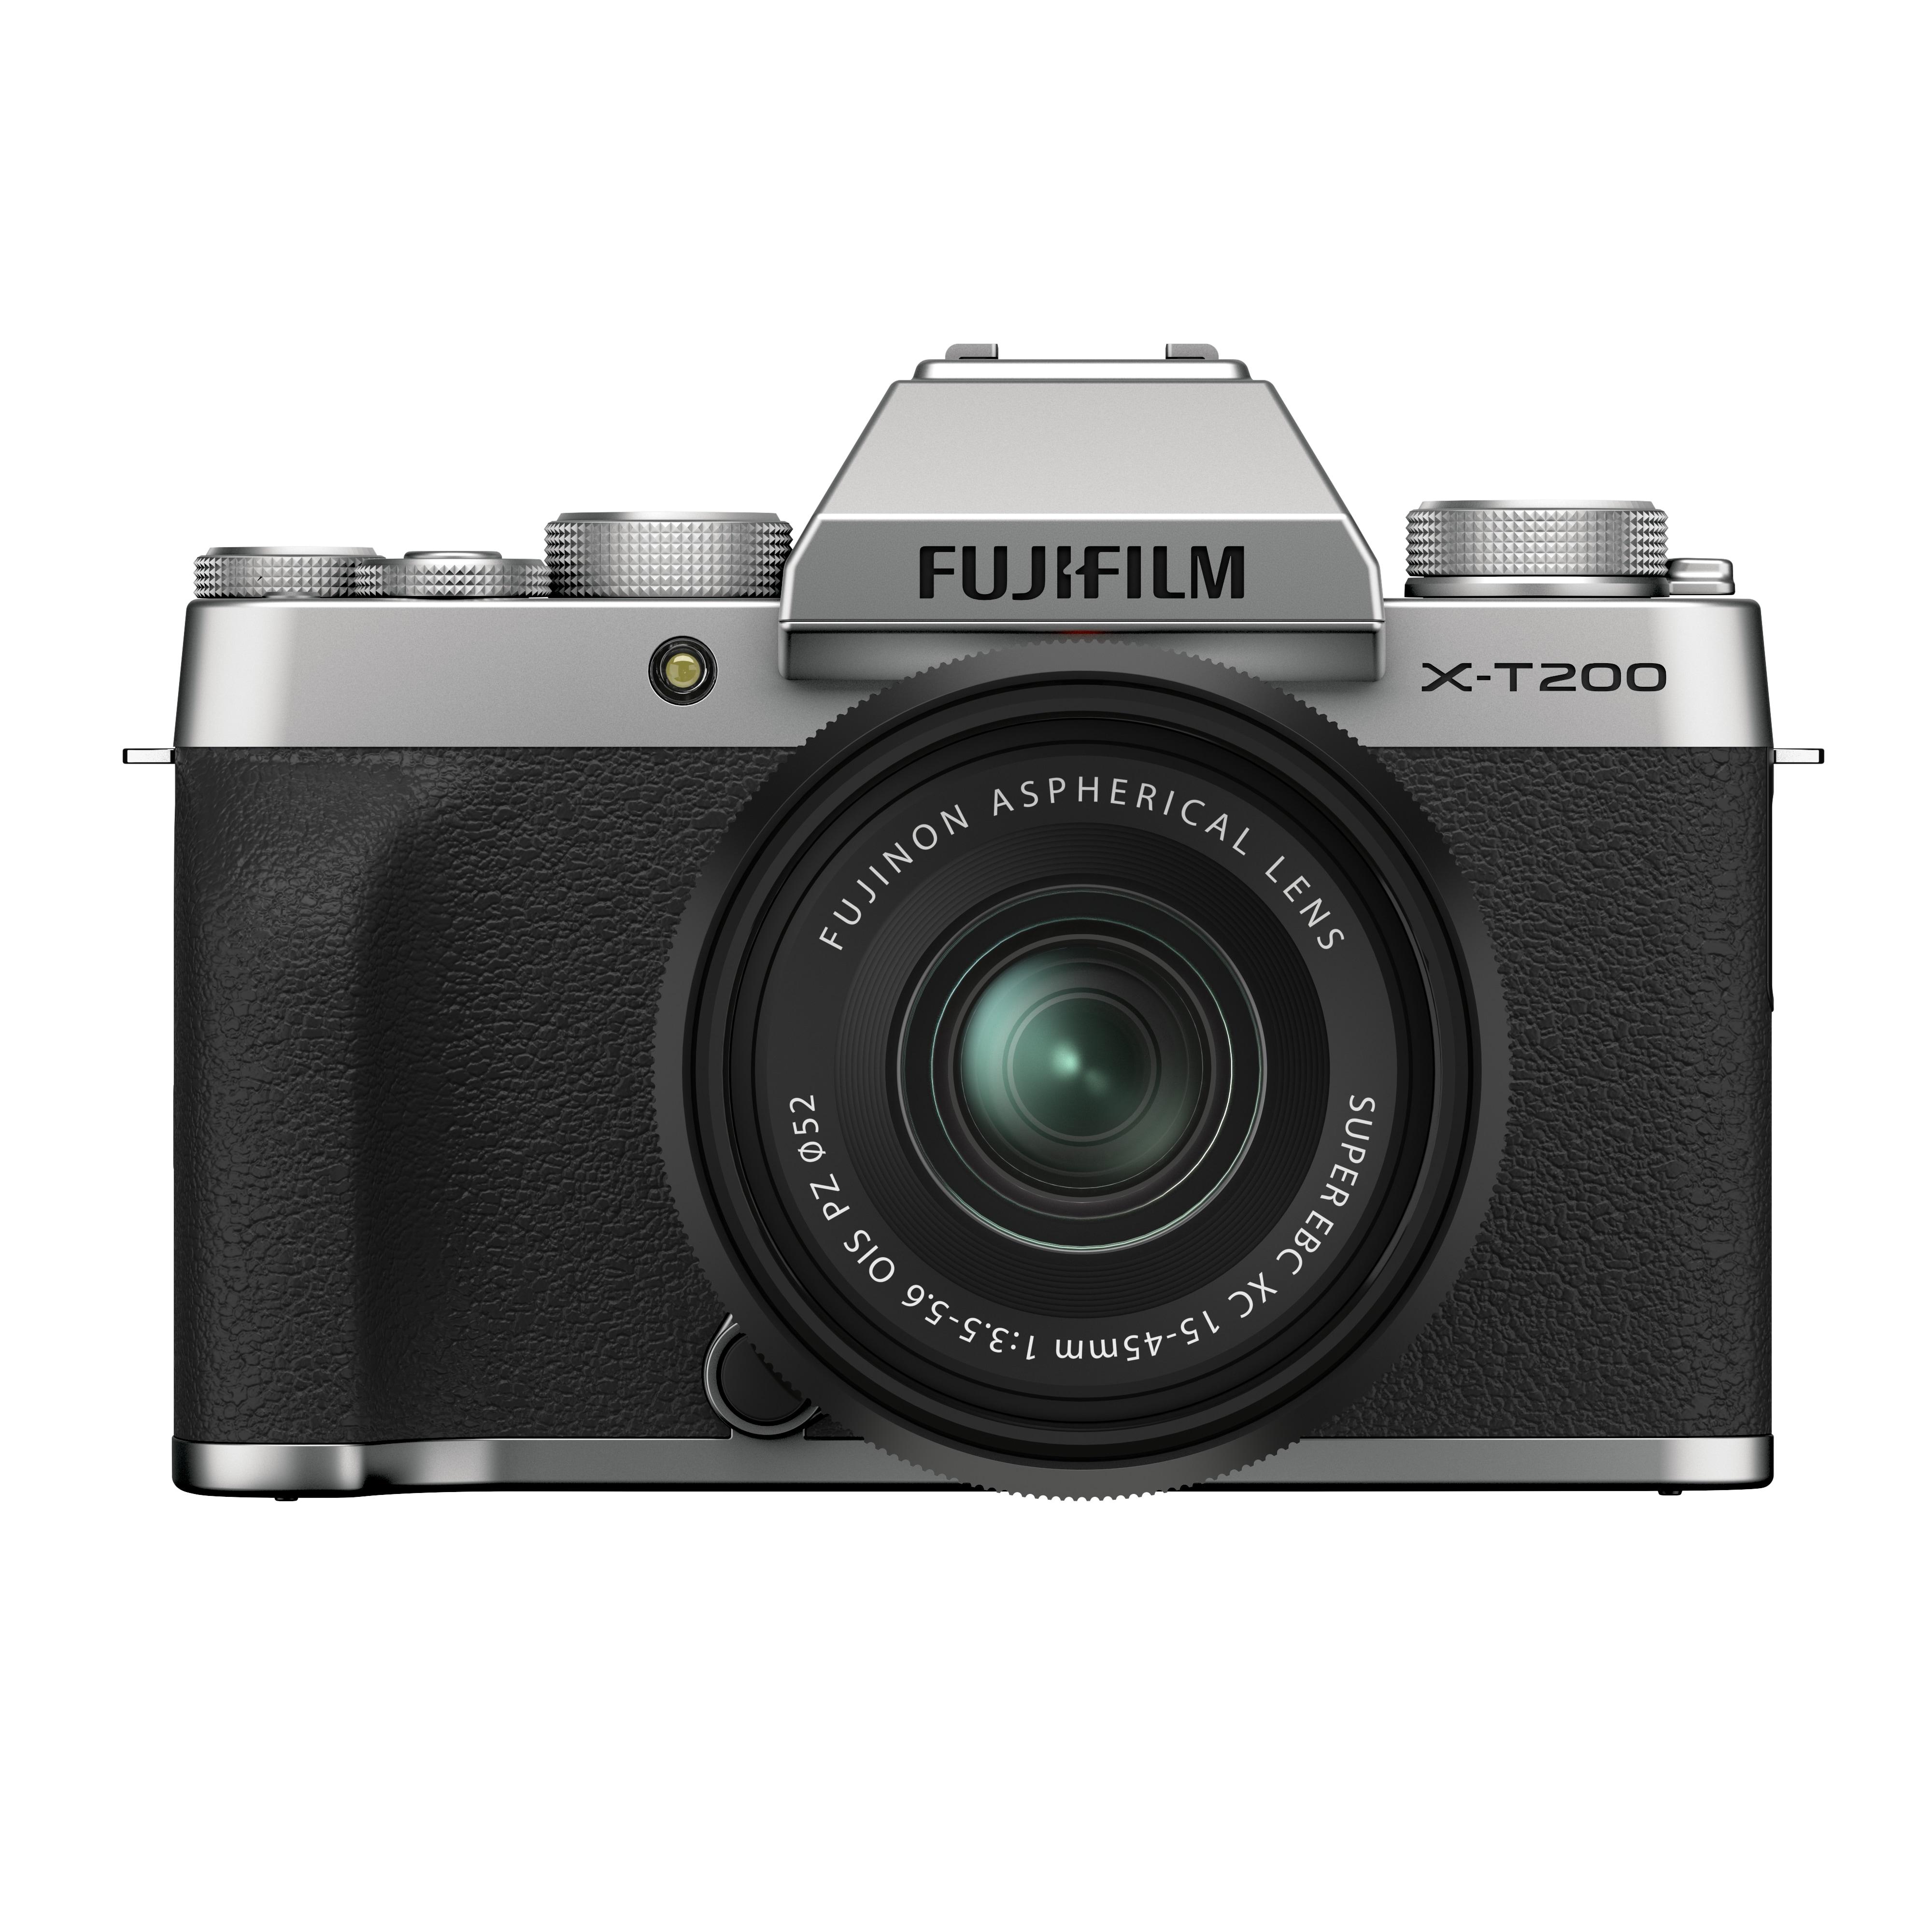 Fujifilm X-T200 Silver + XC 15-45mm f/3.5-5.6